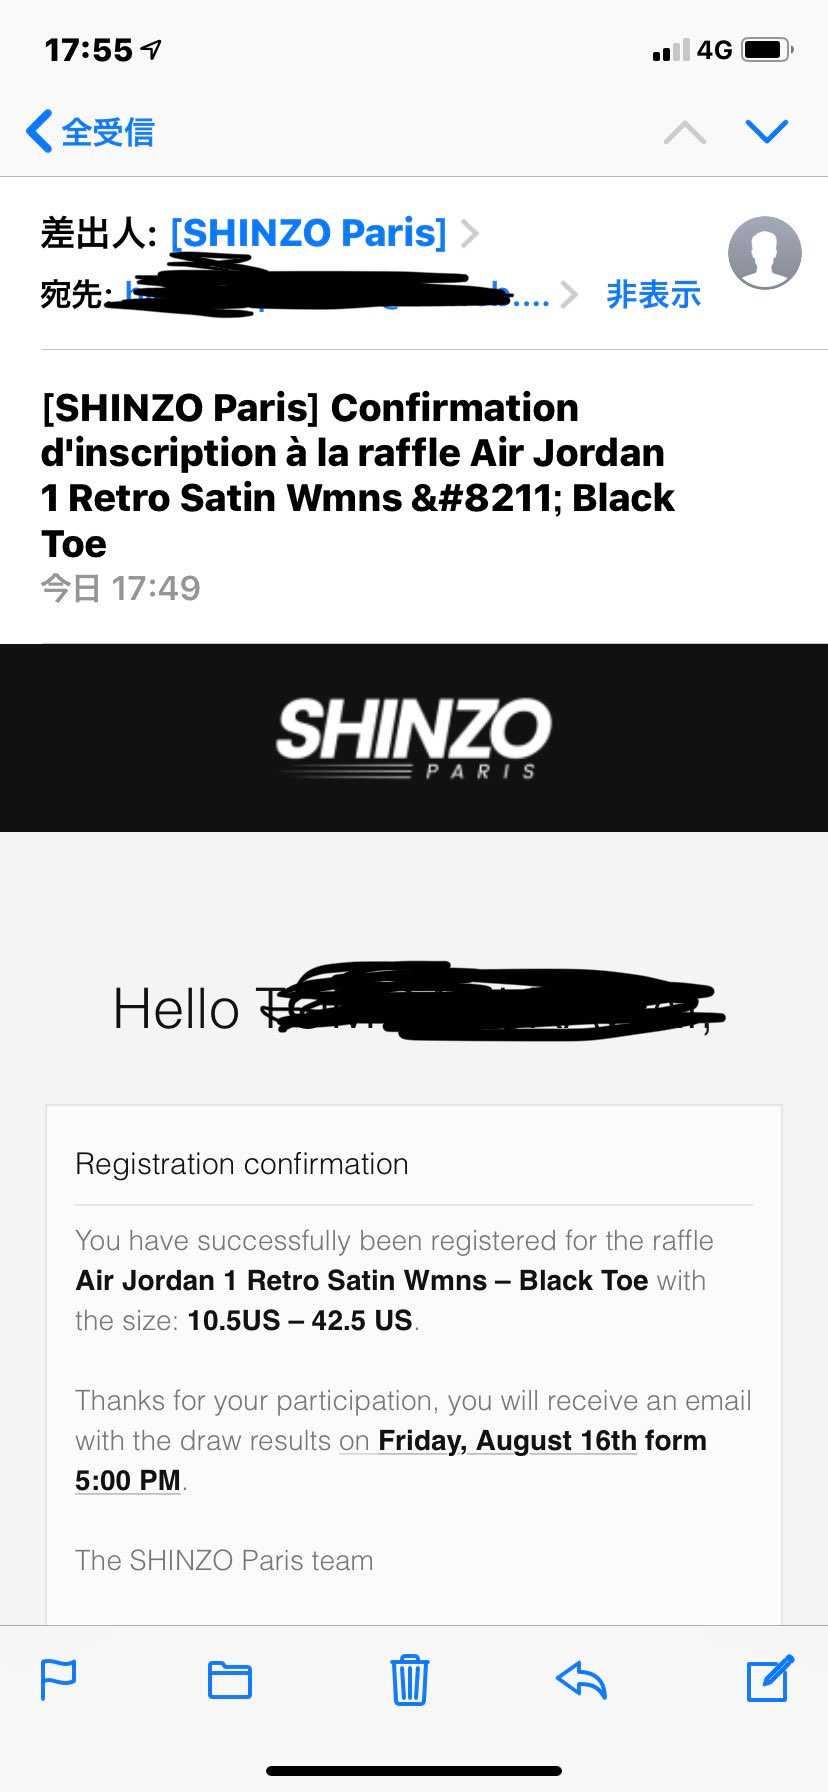 SHINZO PARISもやはり抽選参加出来るので まだの方は是非👍 フラン